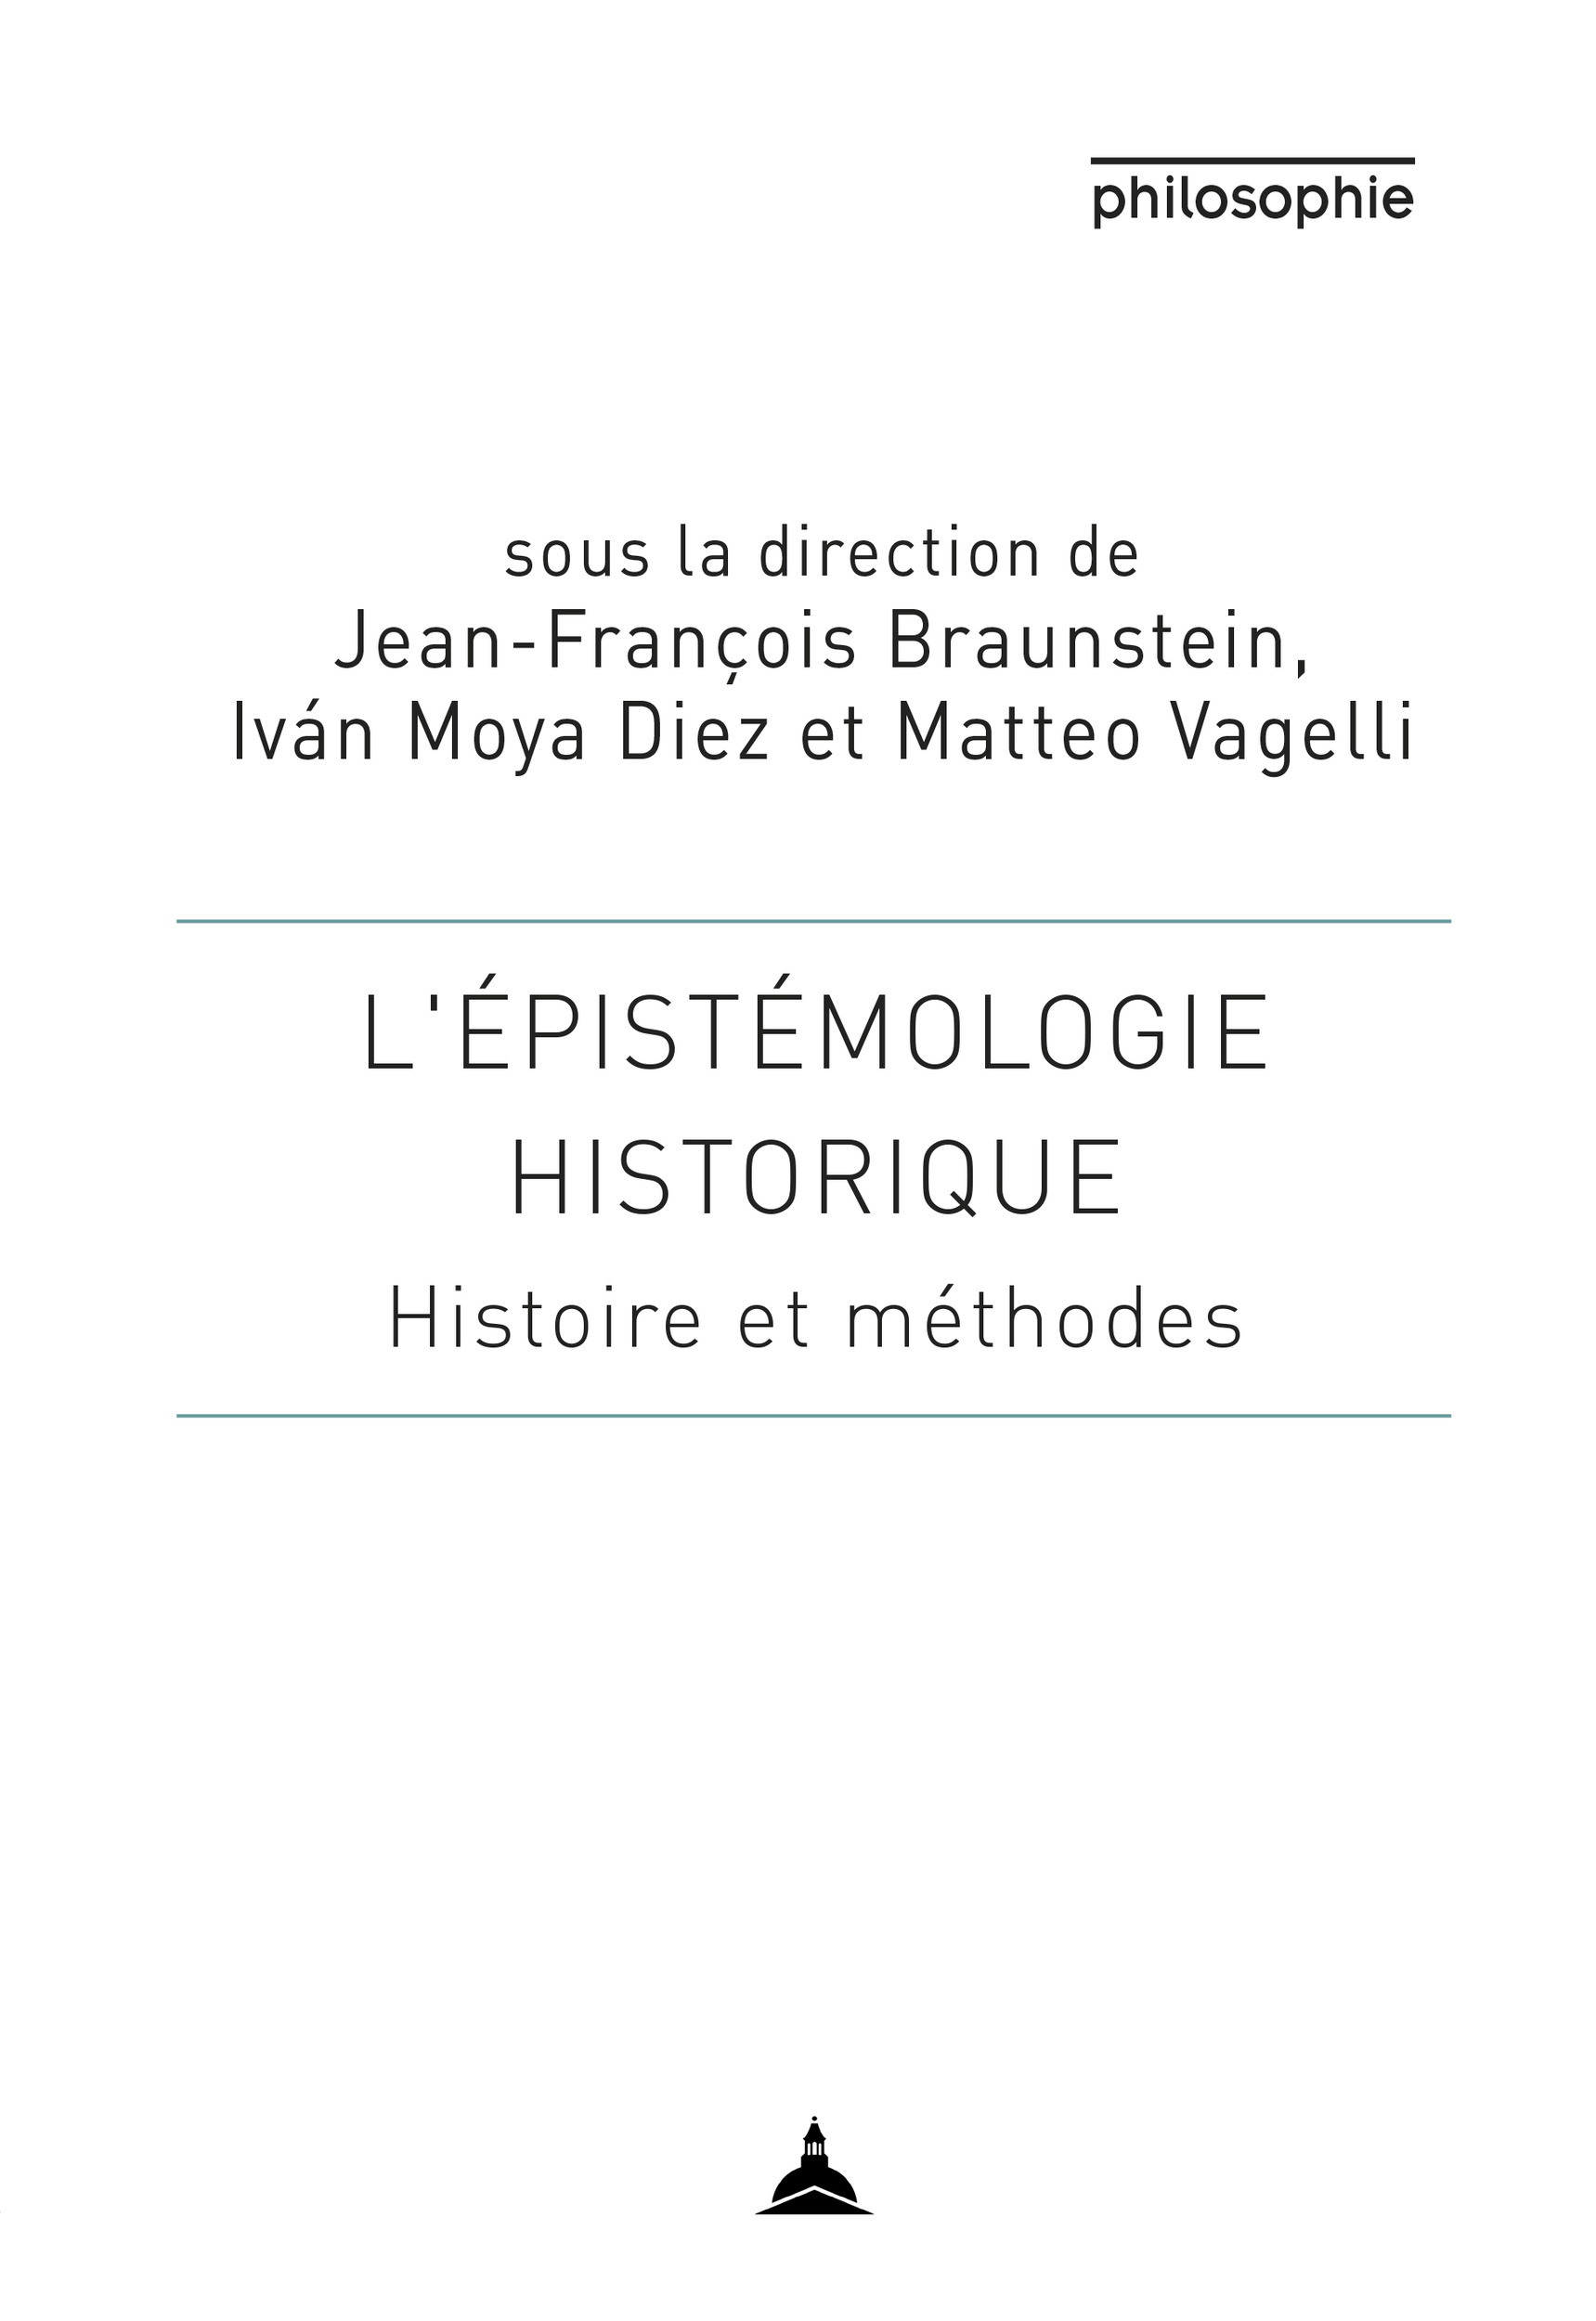 L'épistémologie historique ; histoire et methodes